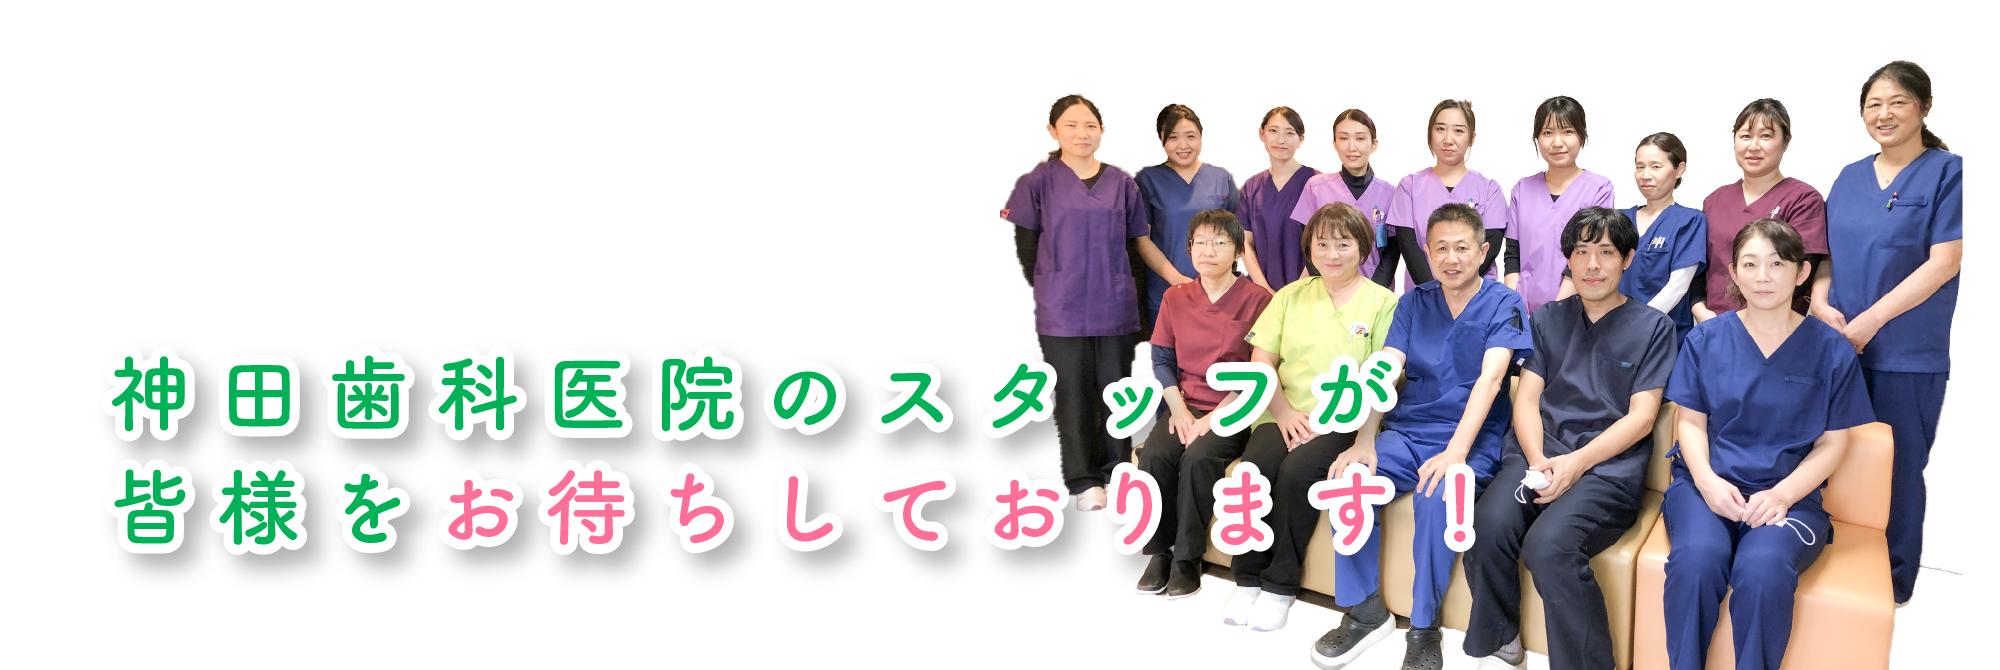 神田歯科医院のスタッフが皆様をお待ちしております!